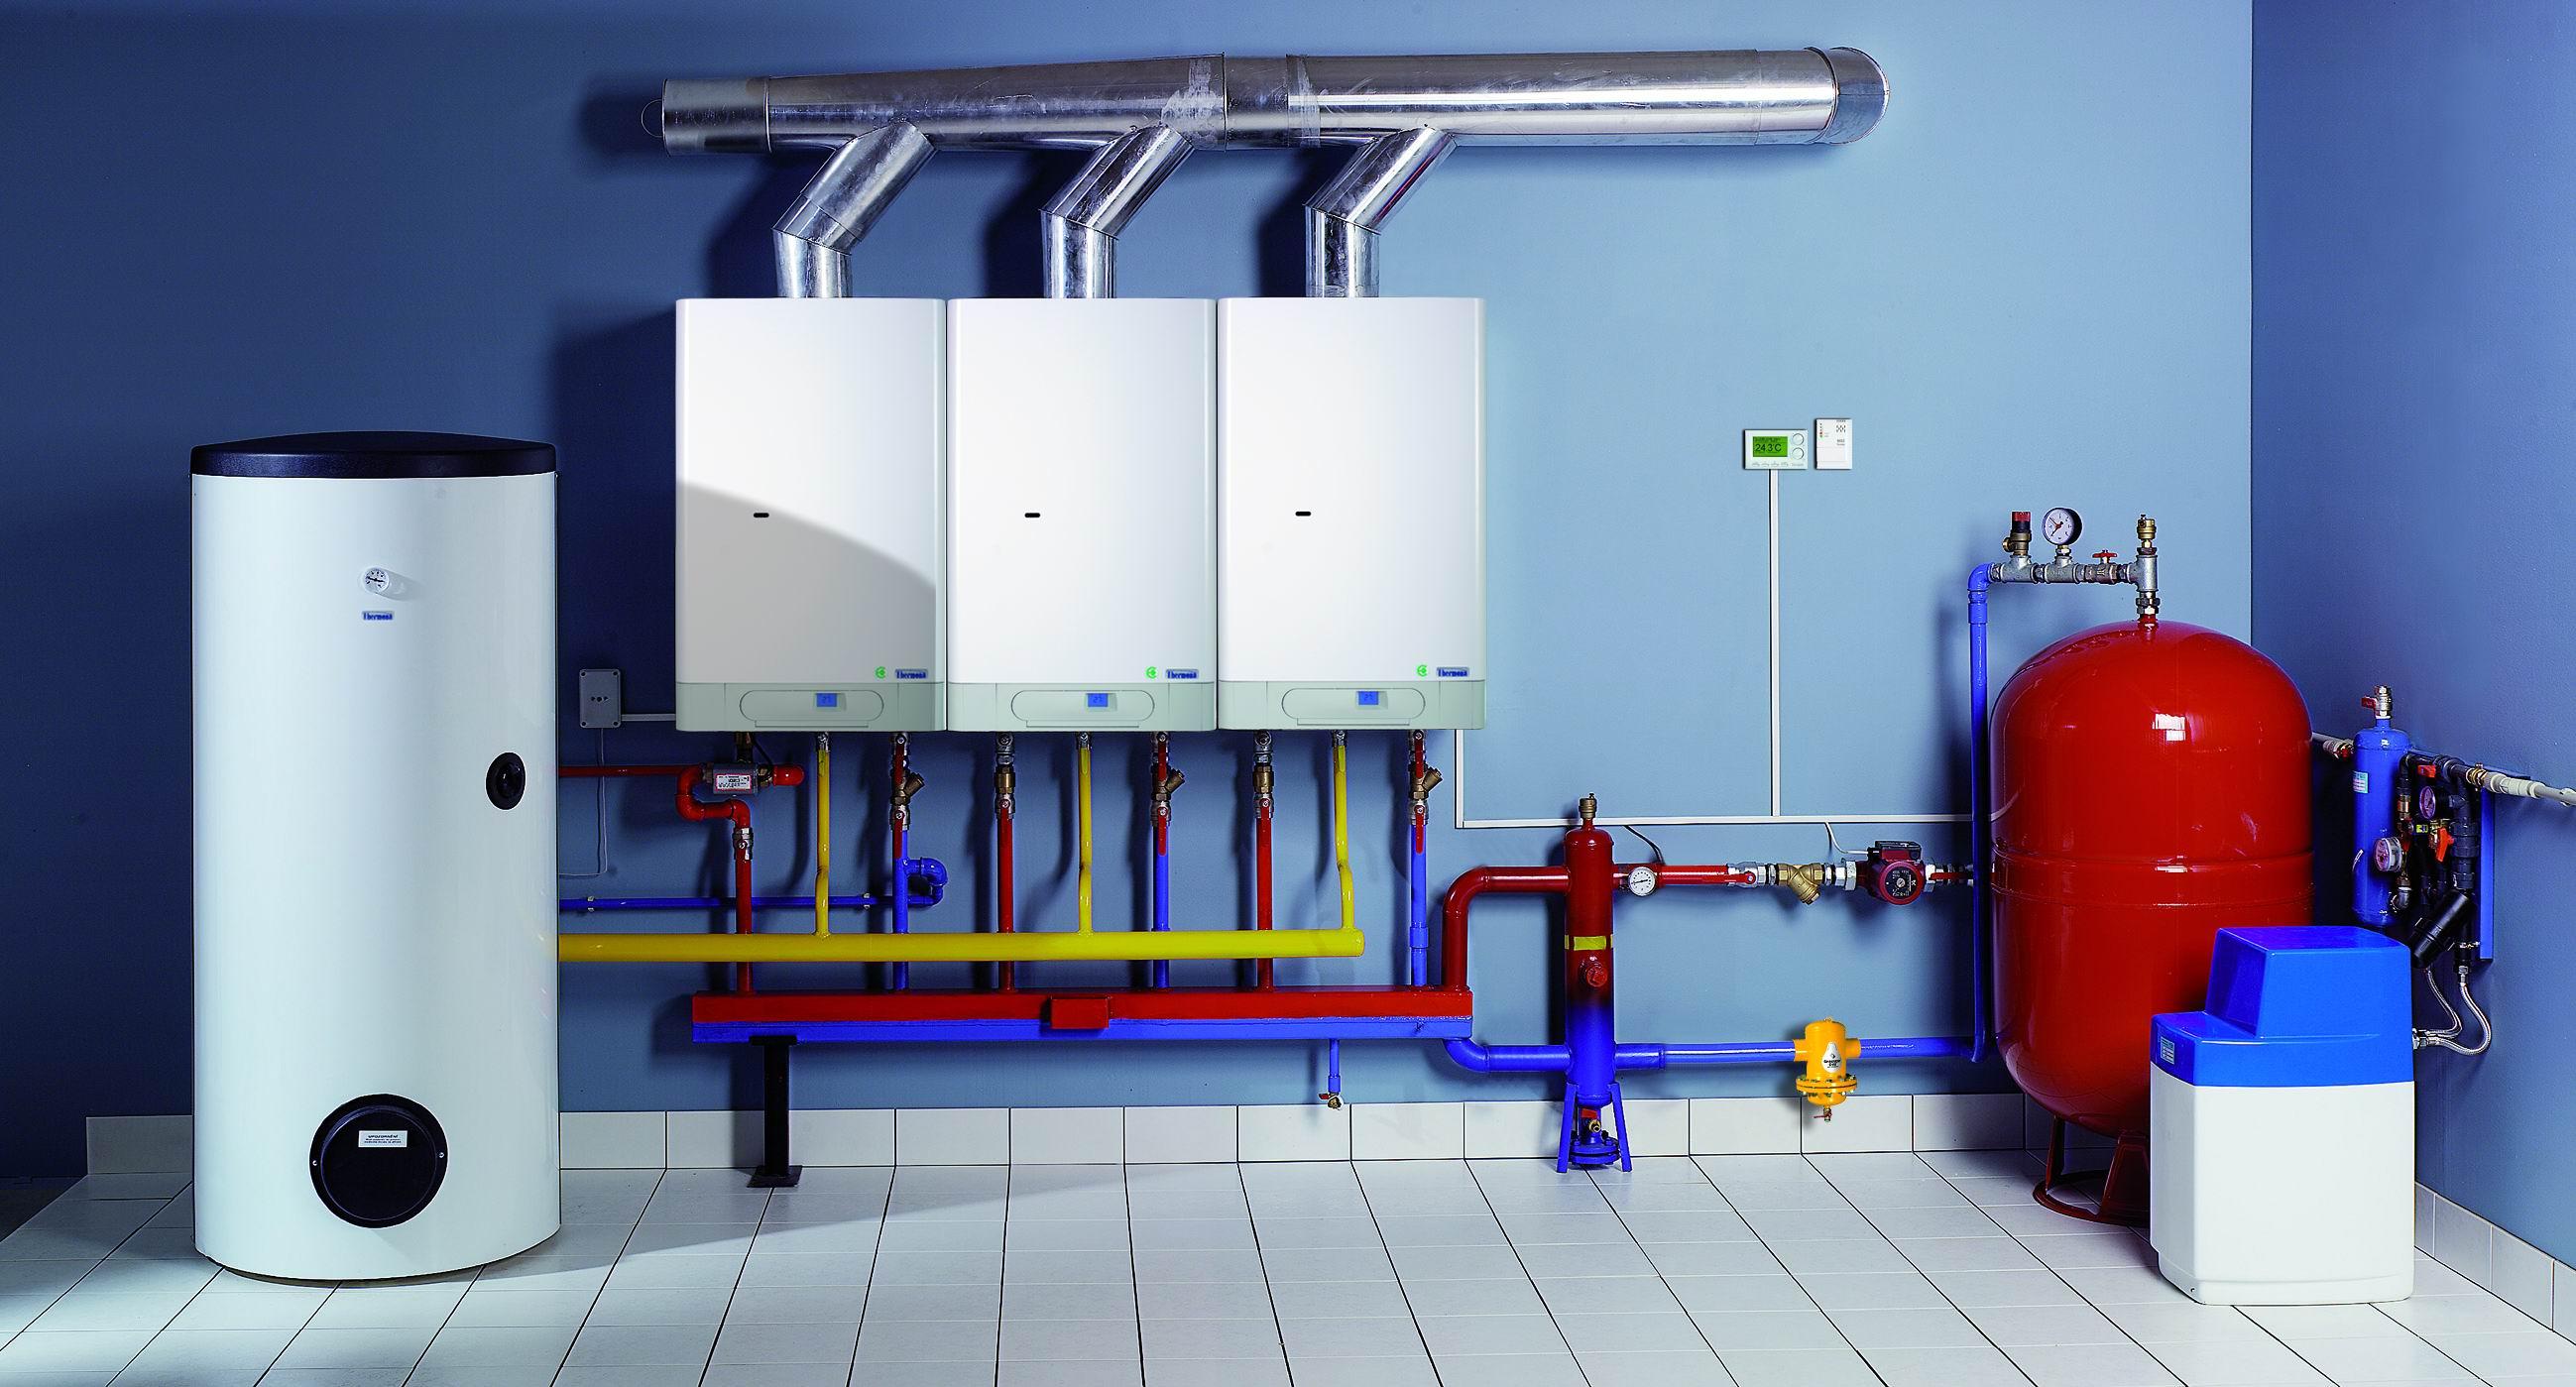 смотрятся газовые системы отопления картинки актриса